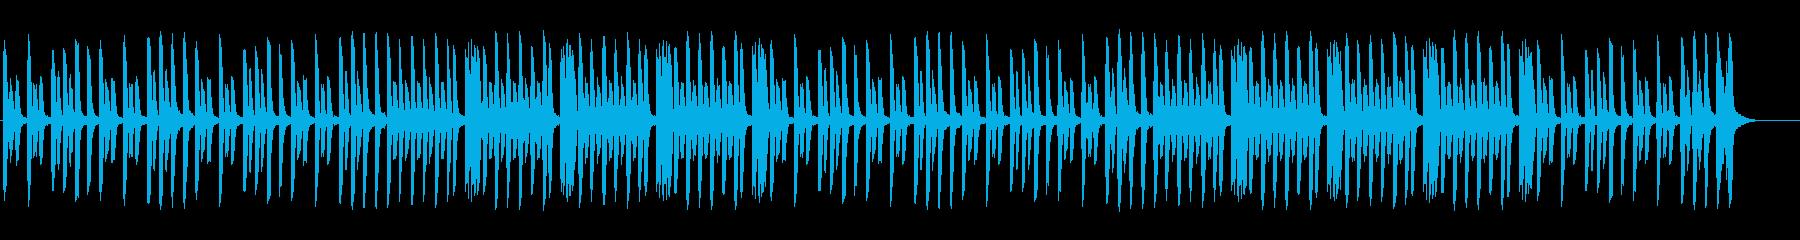 のんびりしたほのぼのピアノ曲の再生済みの波形